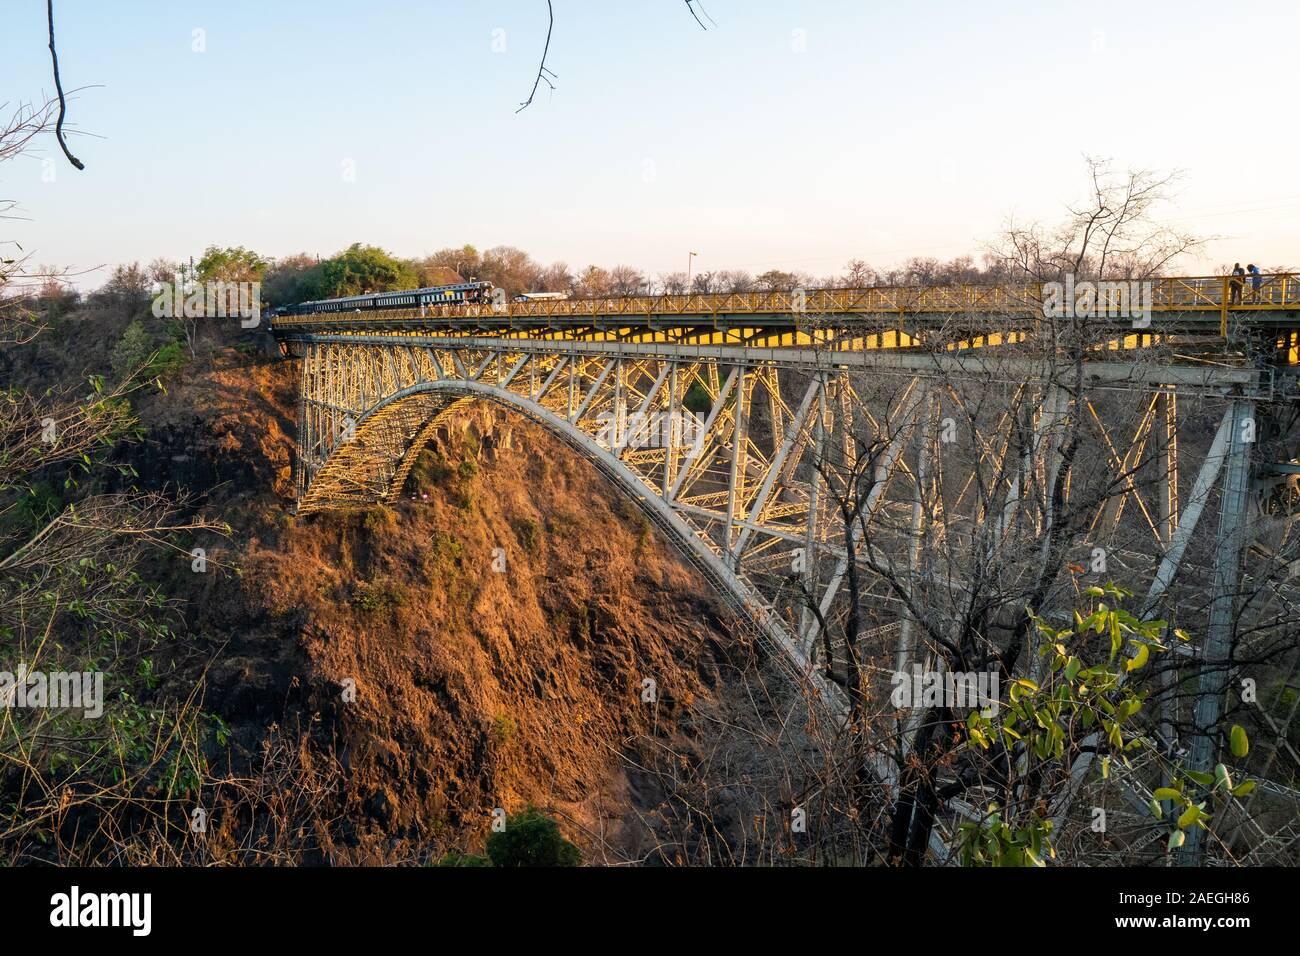 Le Pont de Victoria Falls marque la frontière entre la Zambie et le Zimbabwe en Afrique australe Banque D'Images